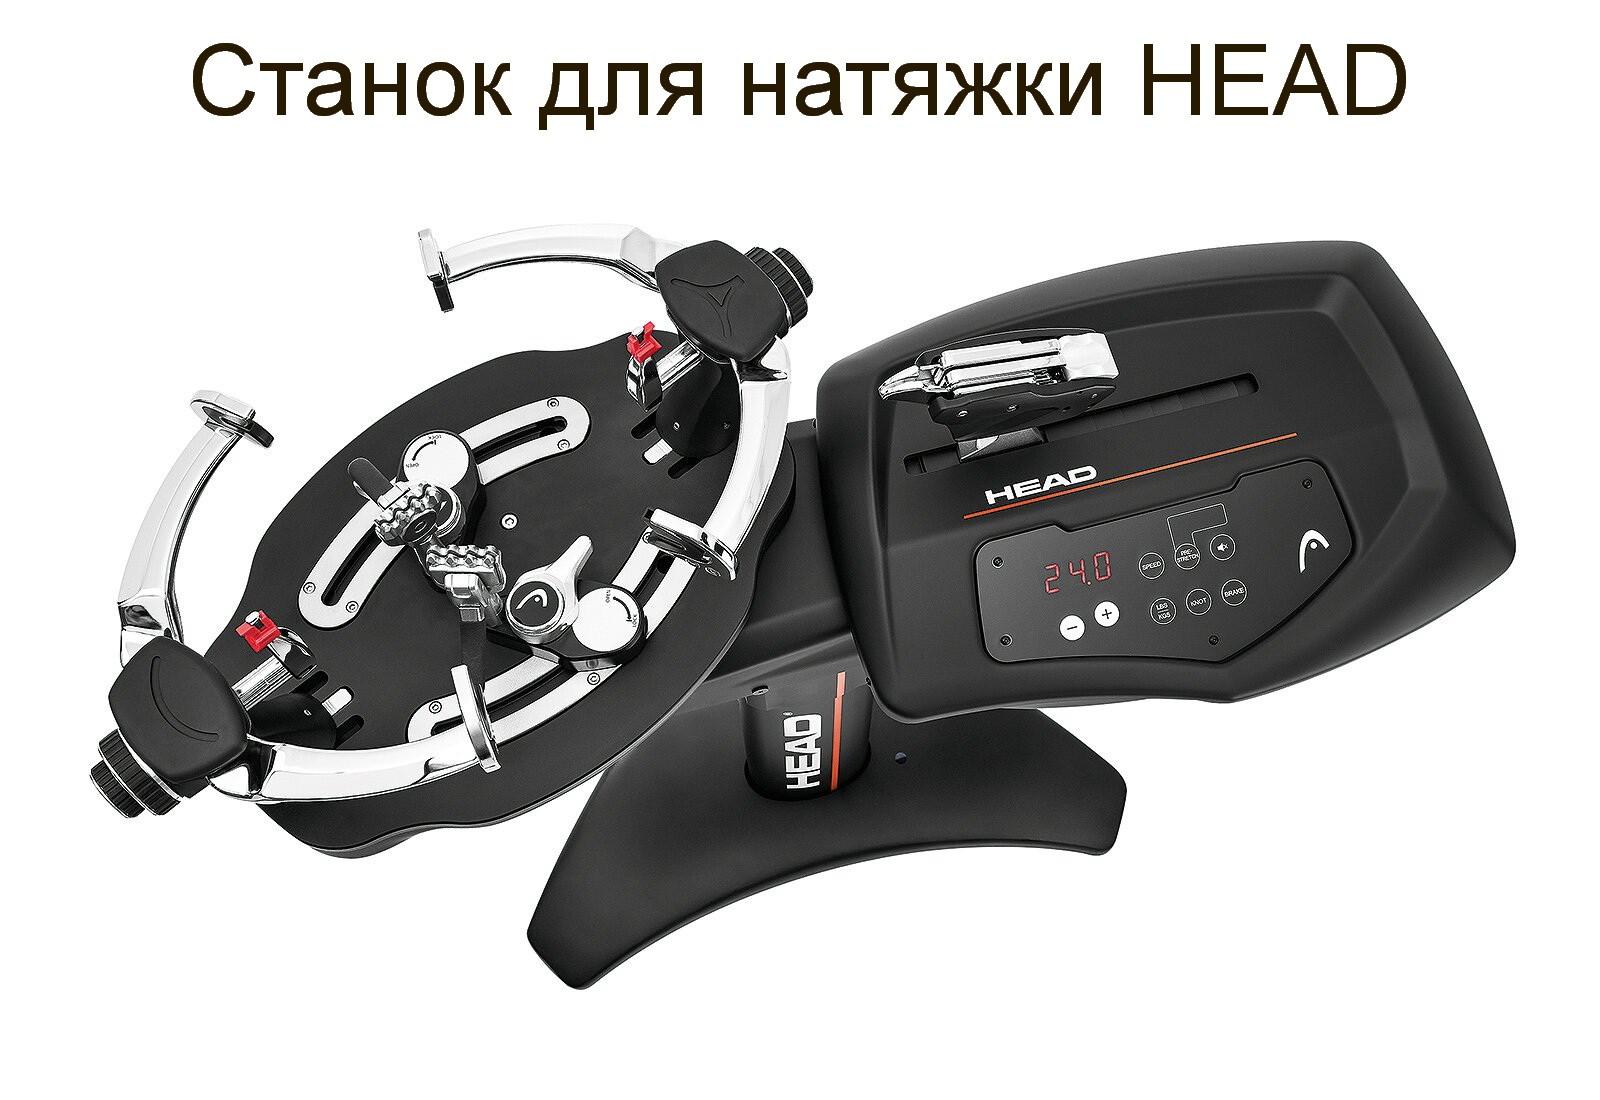 http://tennismagaz.ru/prestashop/content/41-raspakovka